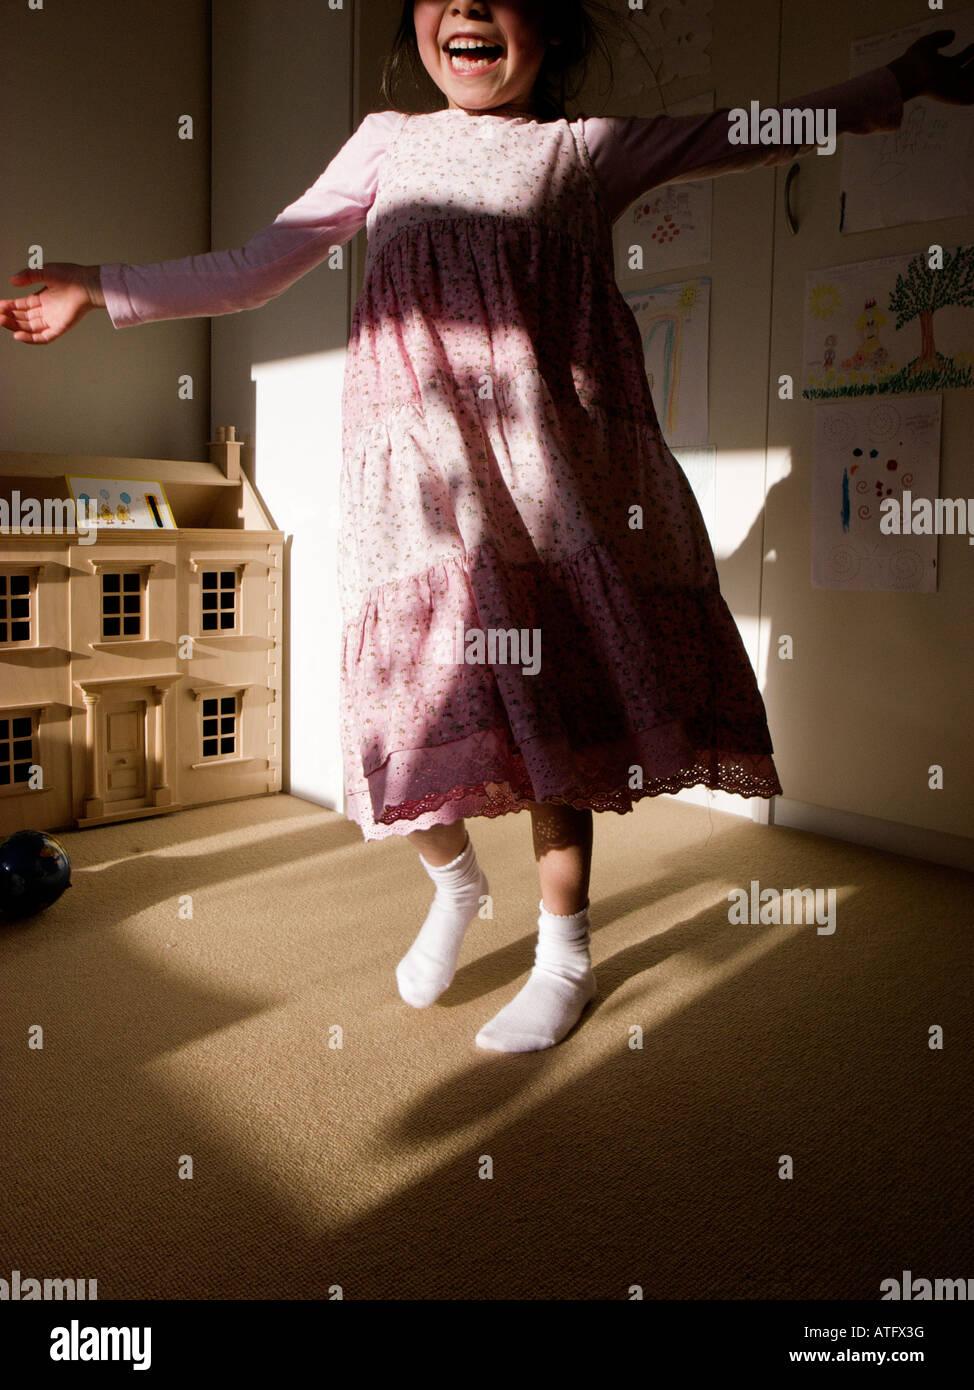 Kinder tanzen zu Hause Stockbild